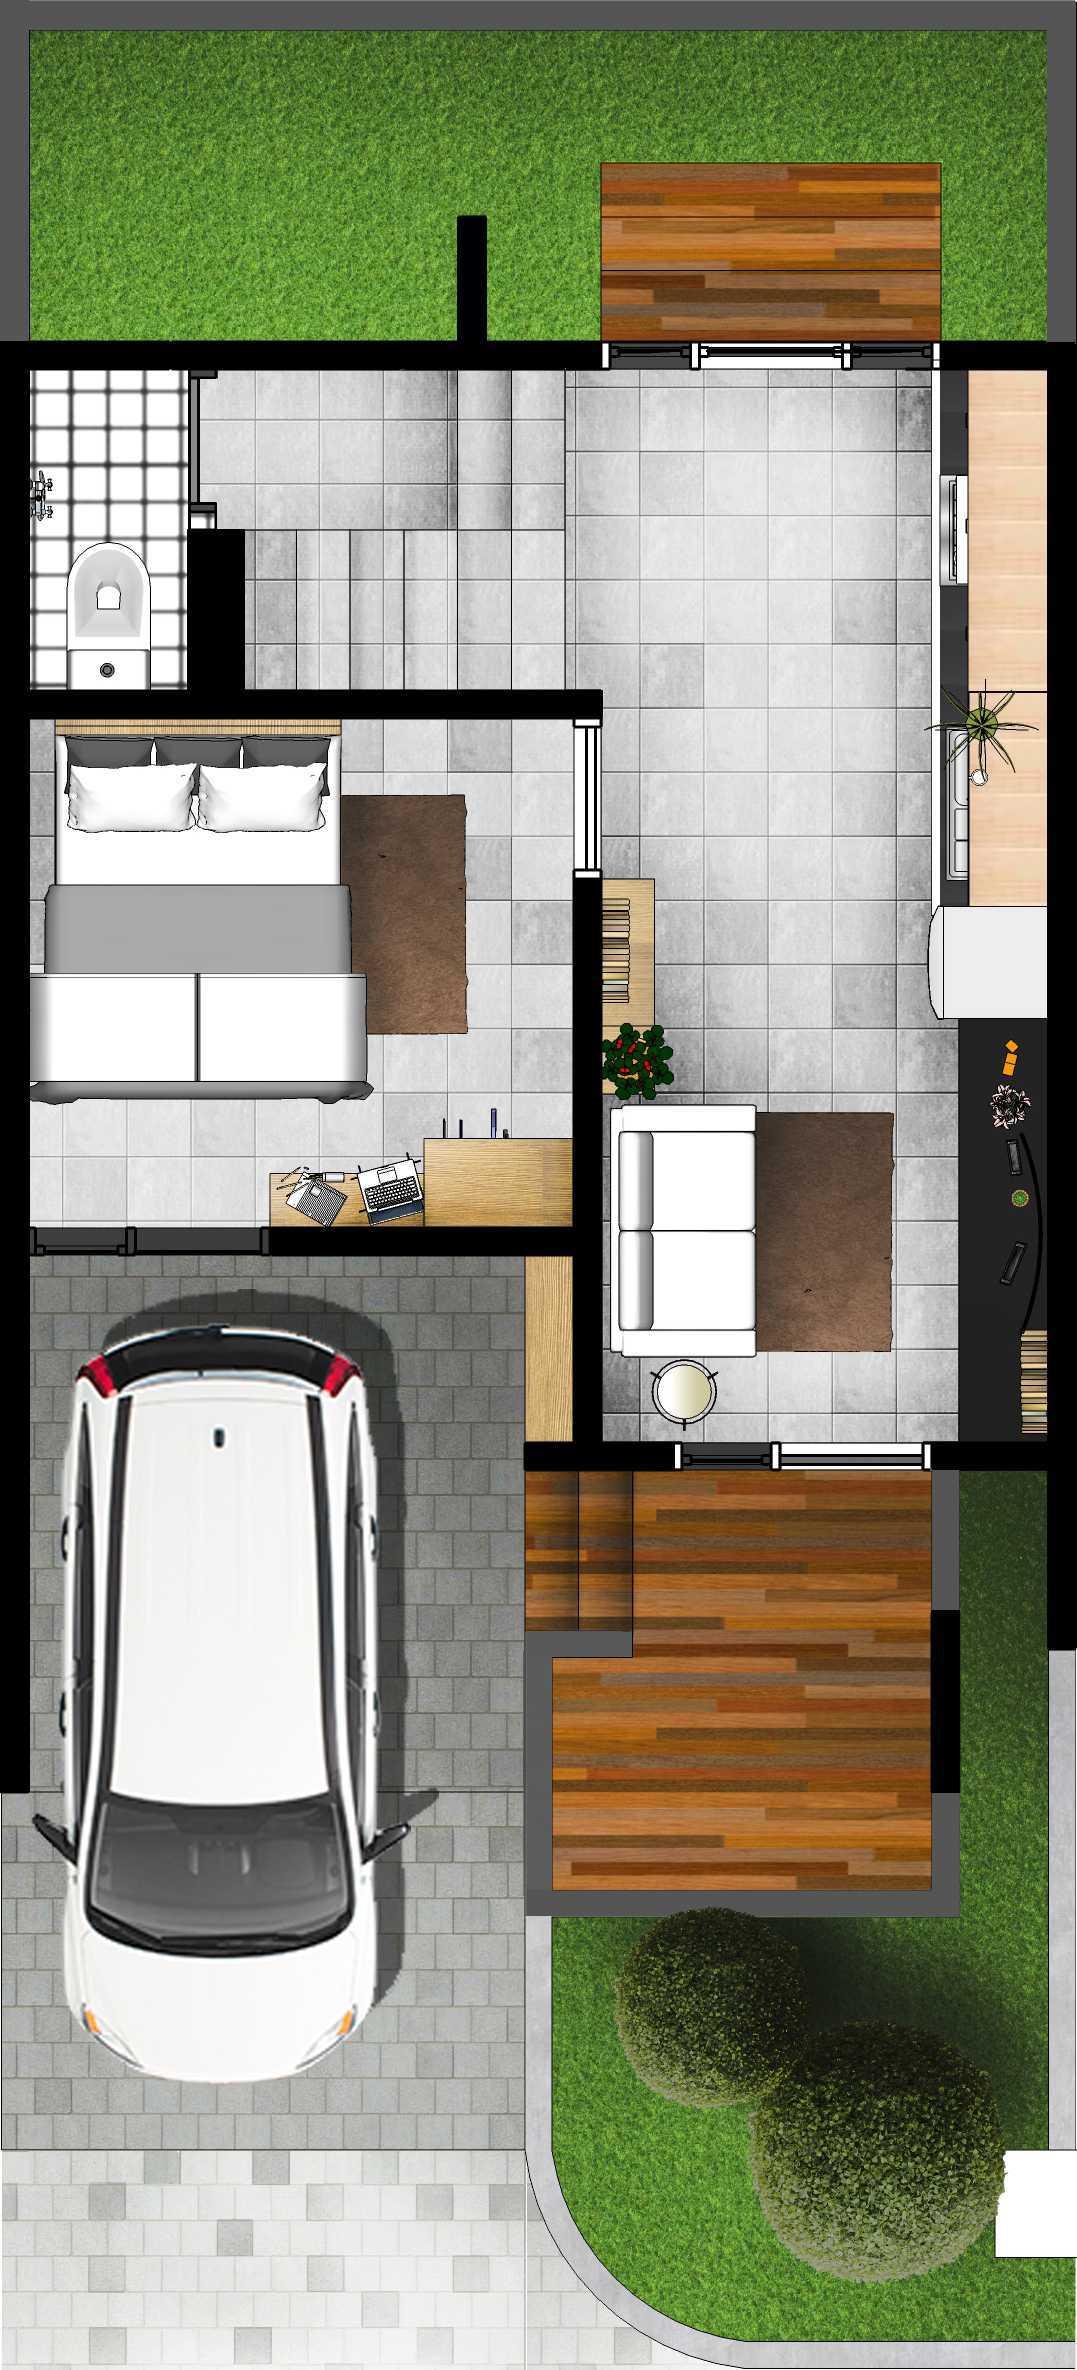 Gubah Ruang Drn Residence Palembang, Kota Palembang, Sumatera Selatan, Indonesia Palembang, Kota Palembang, Sumatera Selatan, Indonesia Floorplan   50964